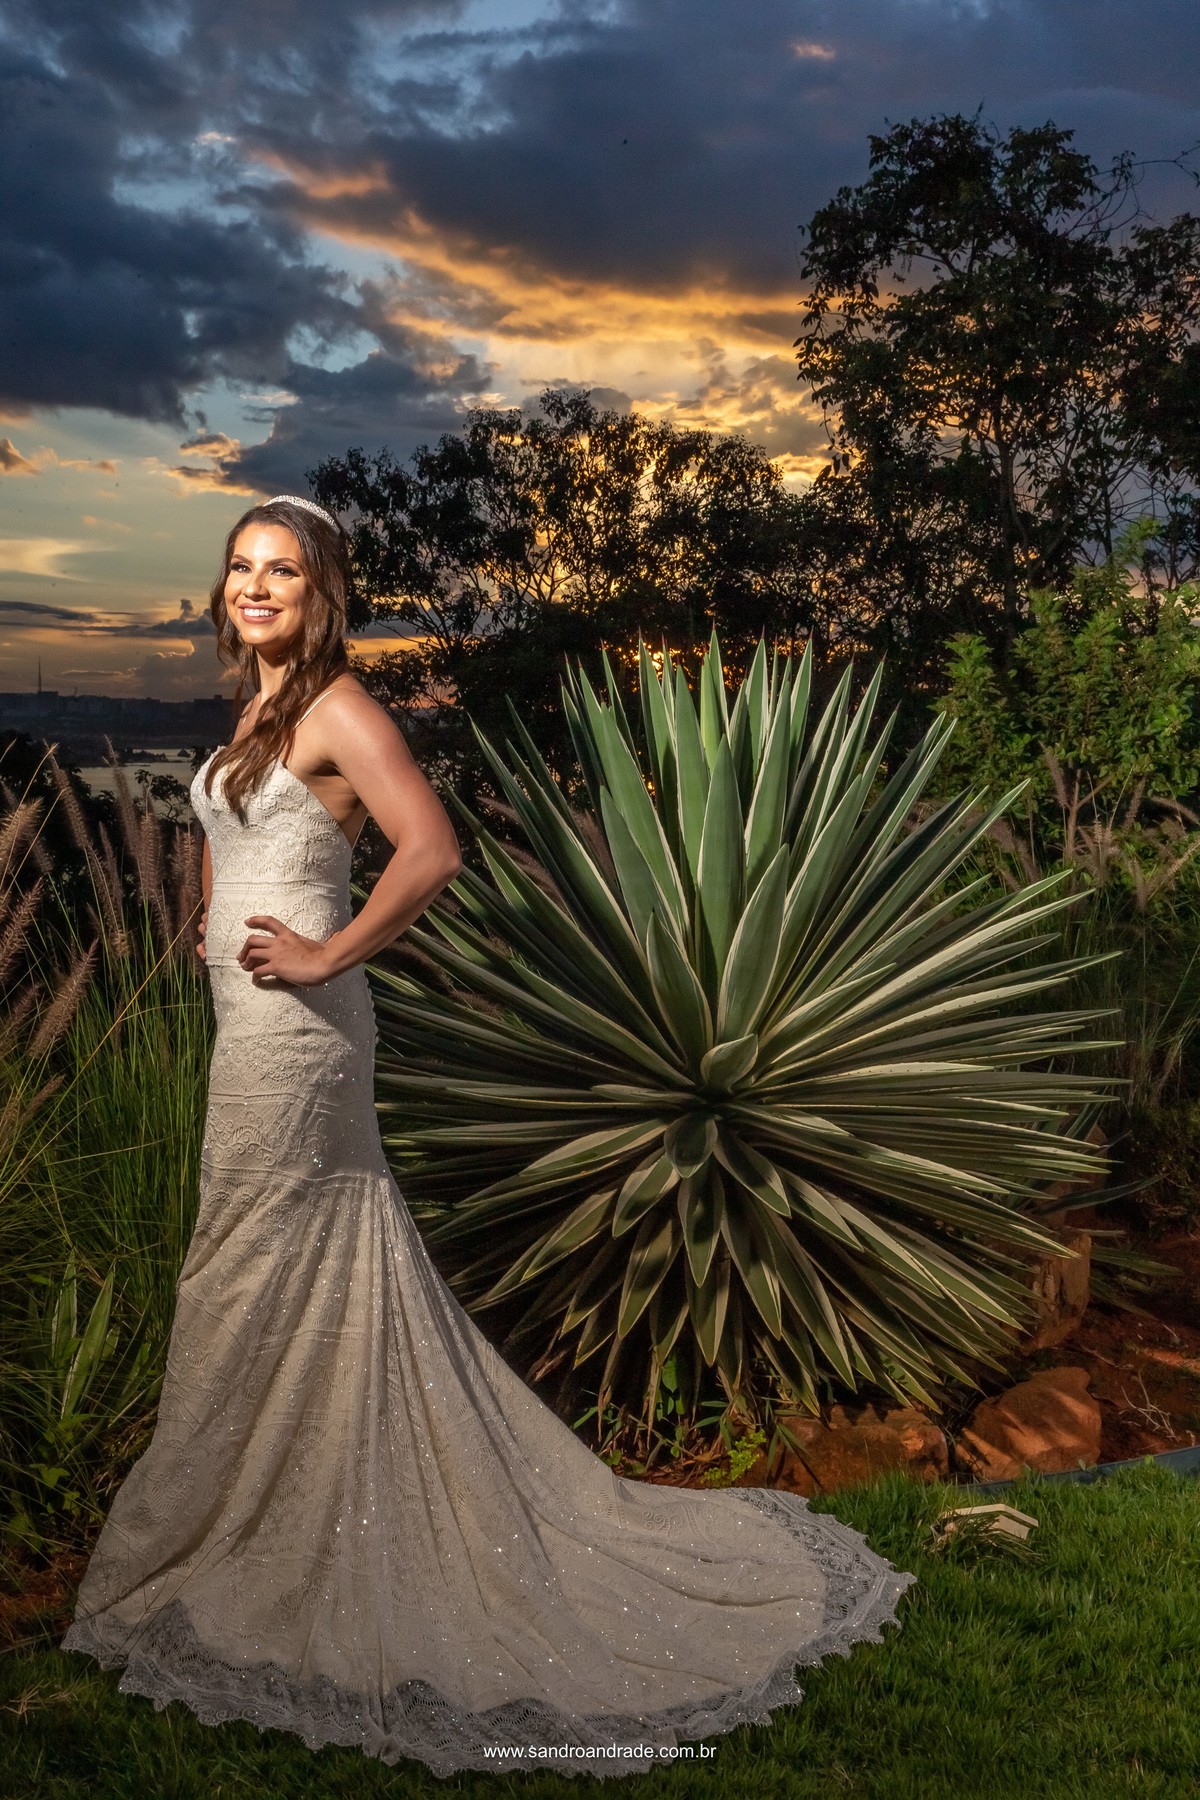 Com o finalzinho do por do sol, Amanda posa na frente do jardim ao lado do gazebo, está será o mesmo horário que a cerimonia de casamento dela acabará, uma prévia e como será no grande dia.